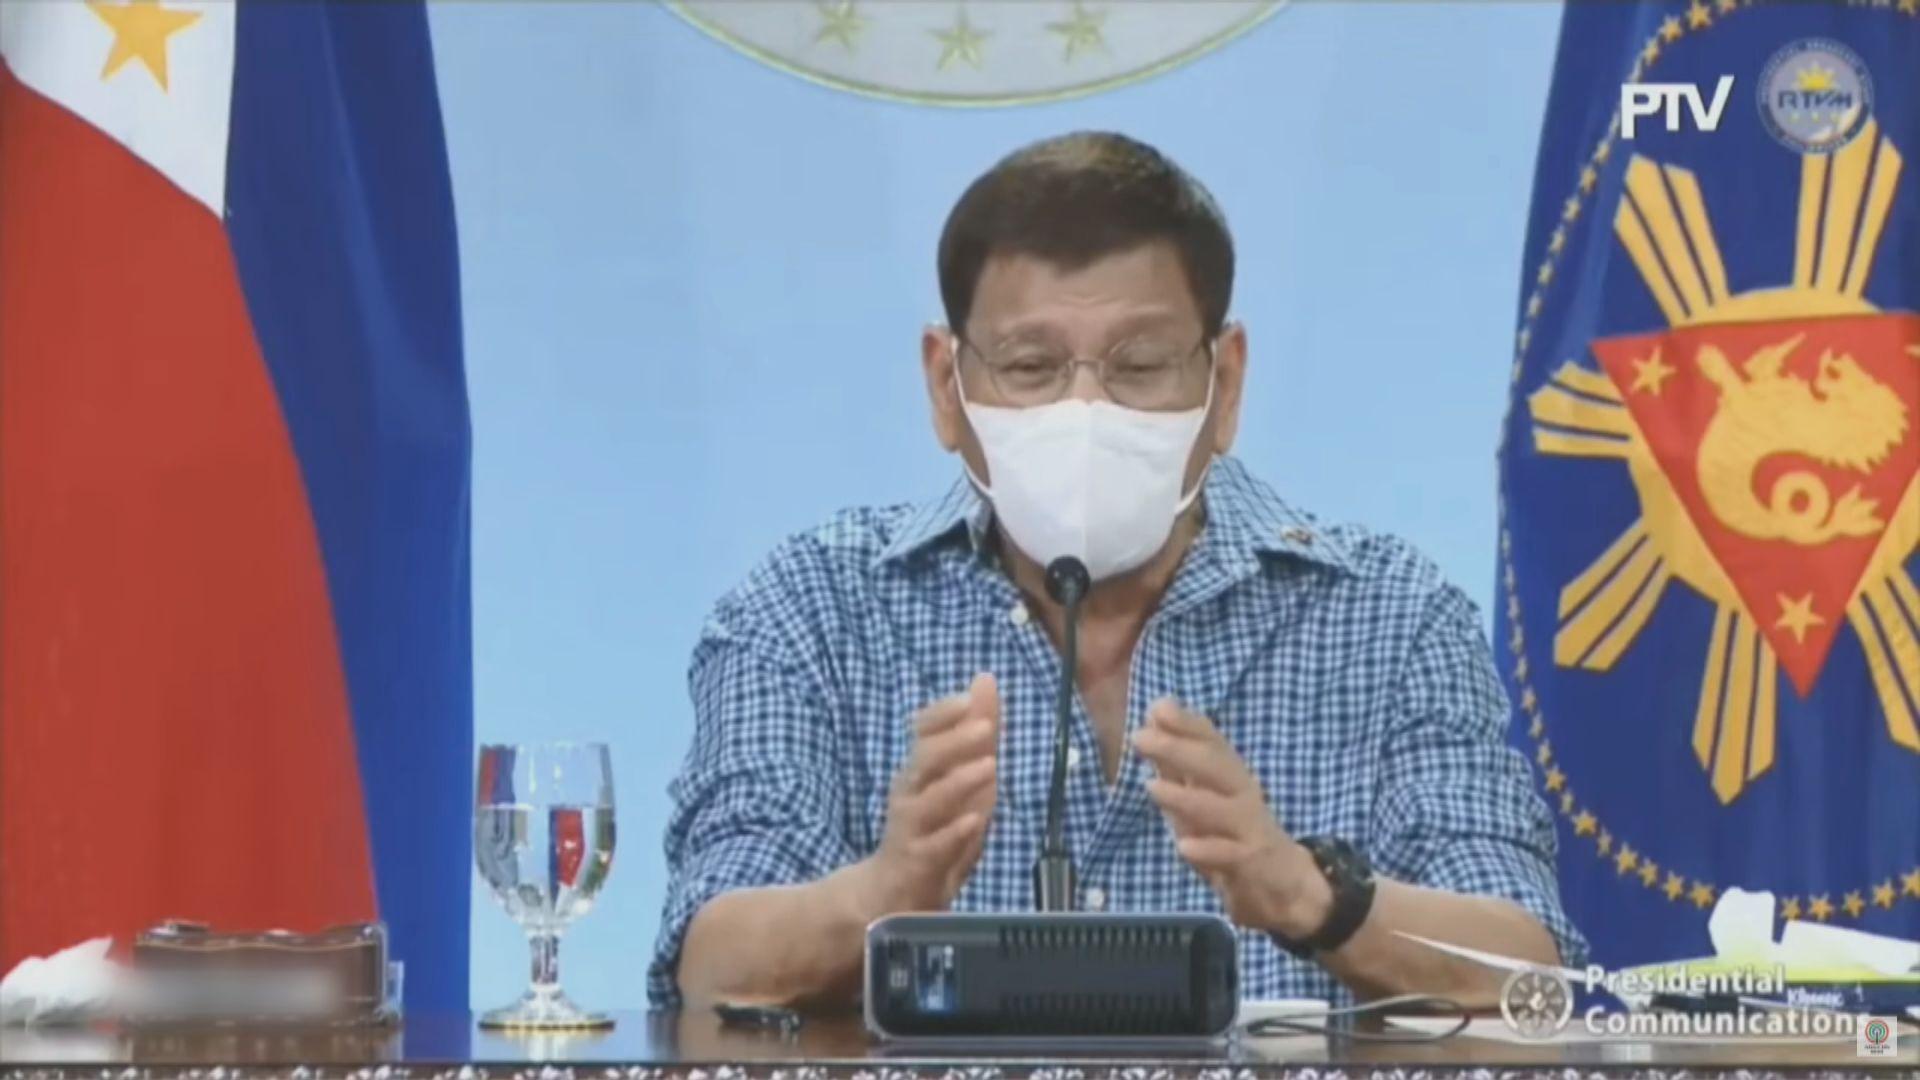 菲總統下令禁止官員公開談論南海問題